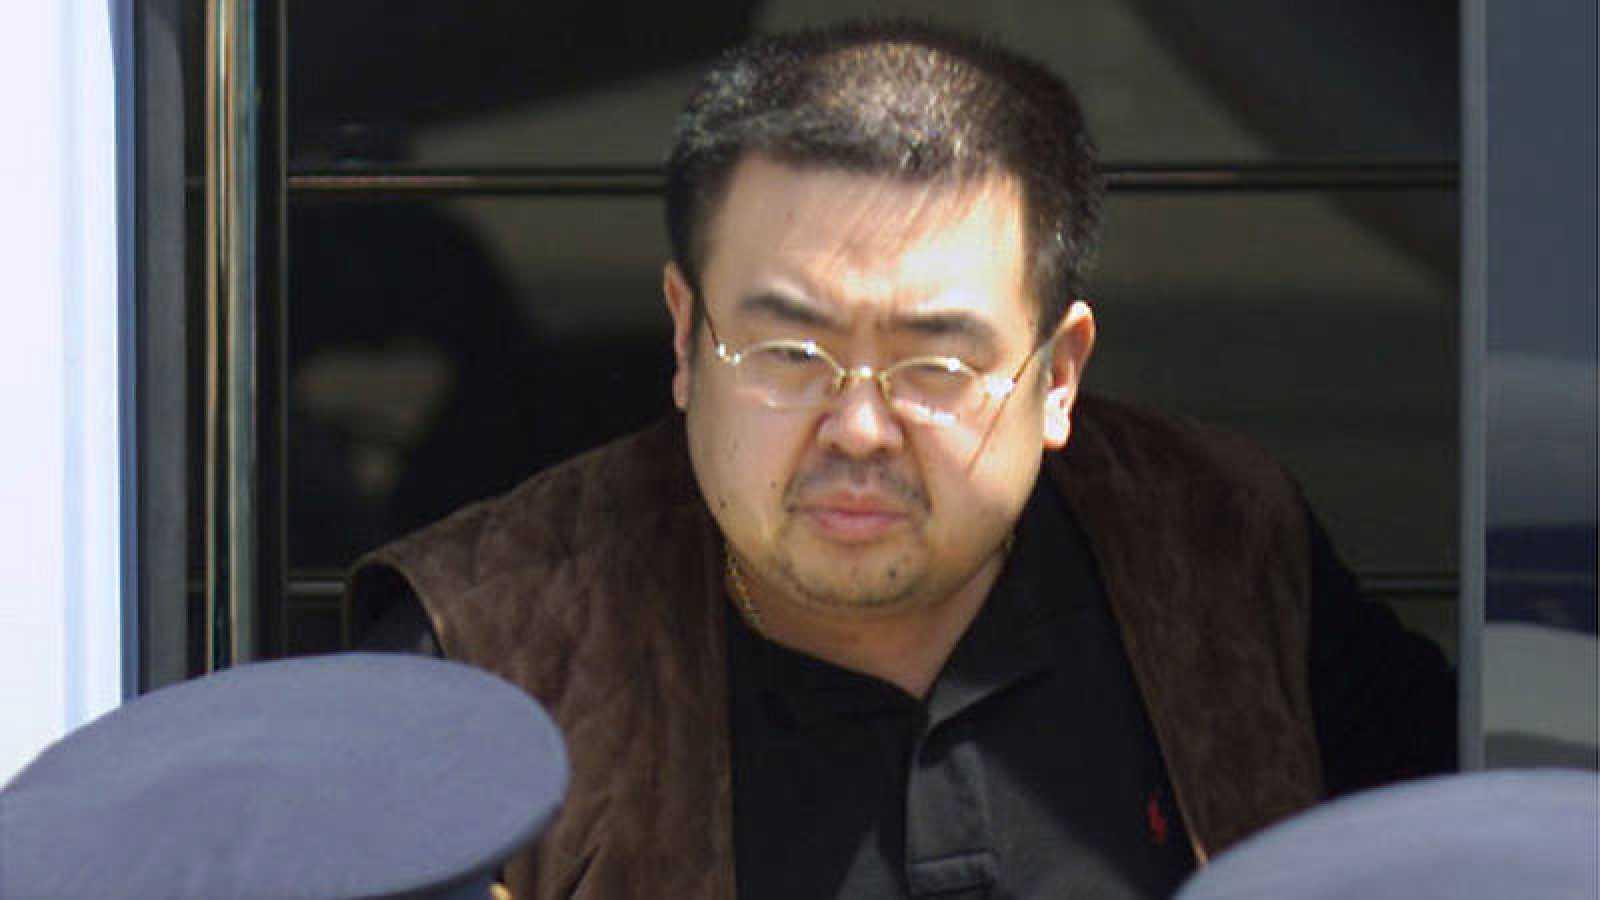 El hermano del líder norcoreano Kim Jong Nam, asesinado el pasado 13 de febrero.